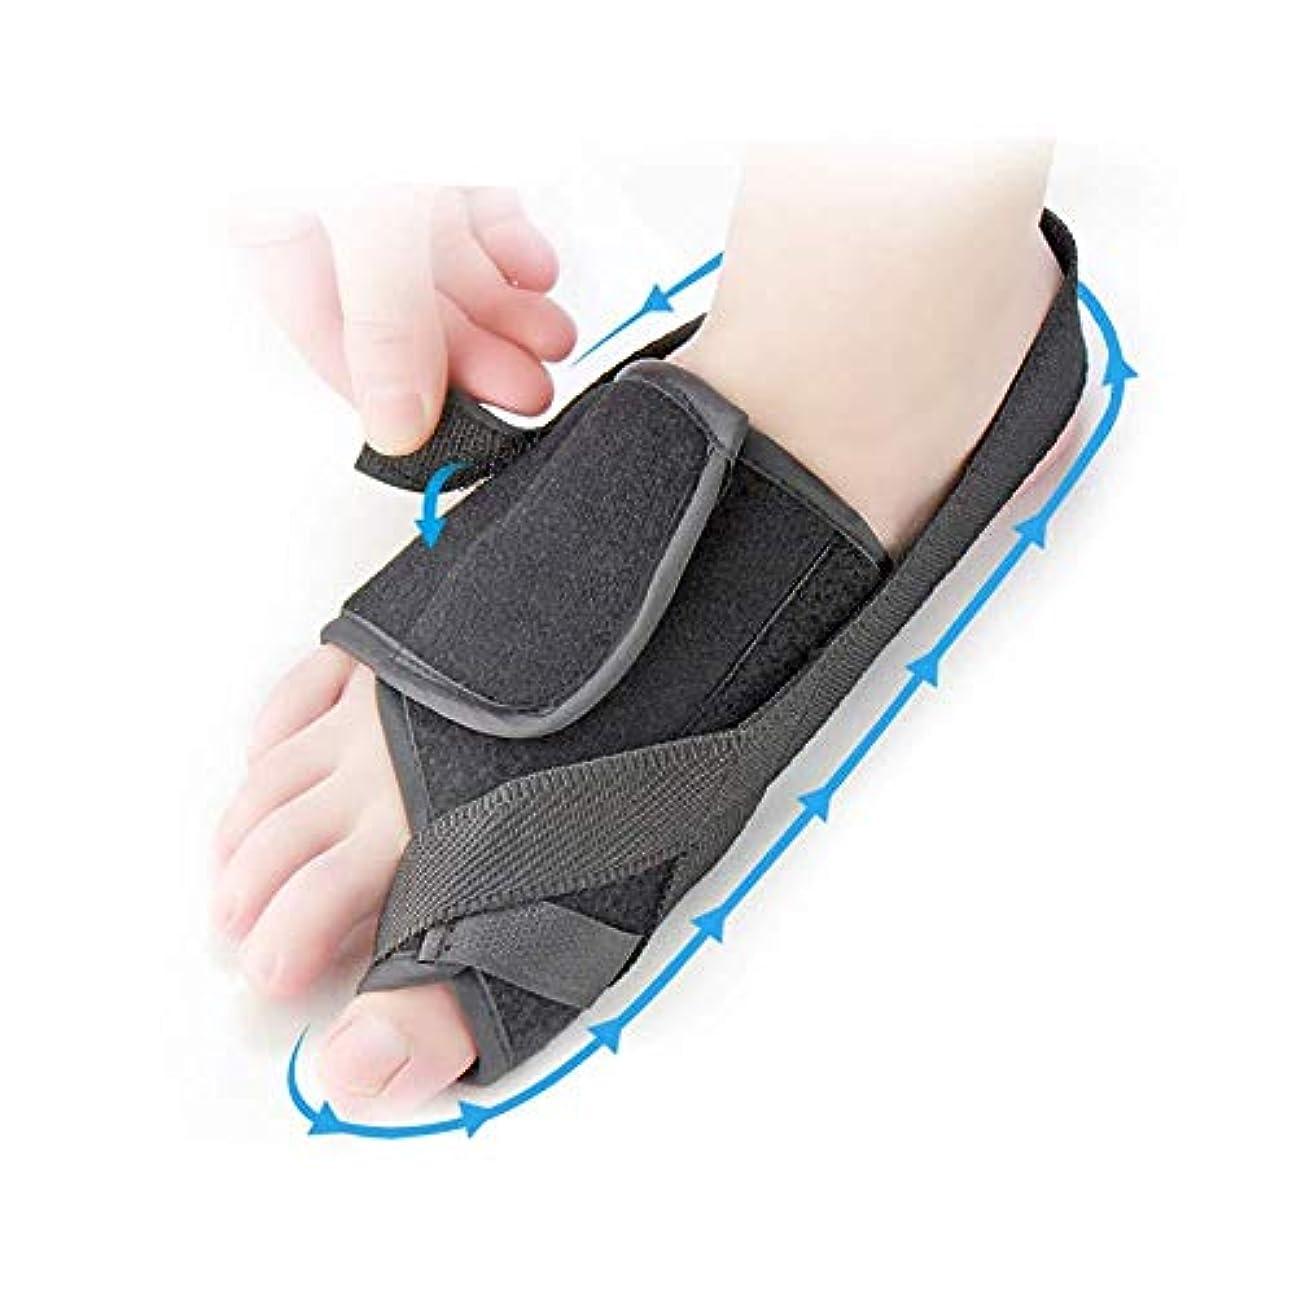 分配します専門シンプトンつま先セパレーター、調節可能なフックと外反母toつま先矯正スプリント用つま先矯正器付き外反母hallつま先サポート,Left Foot